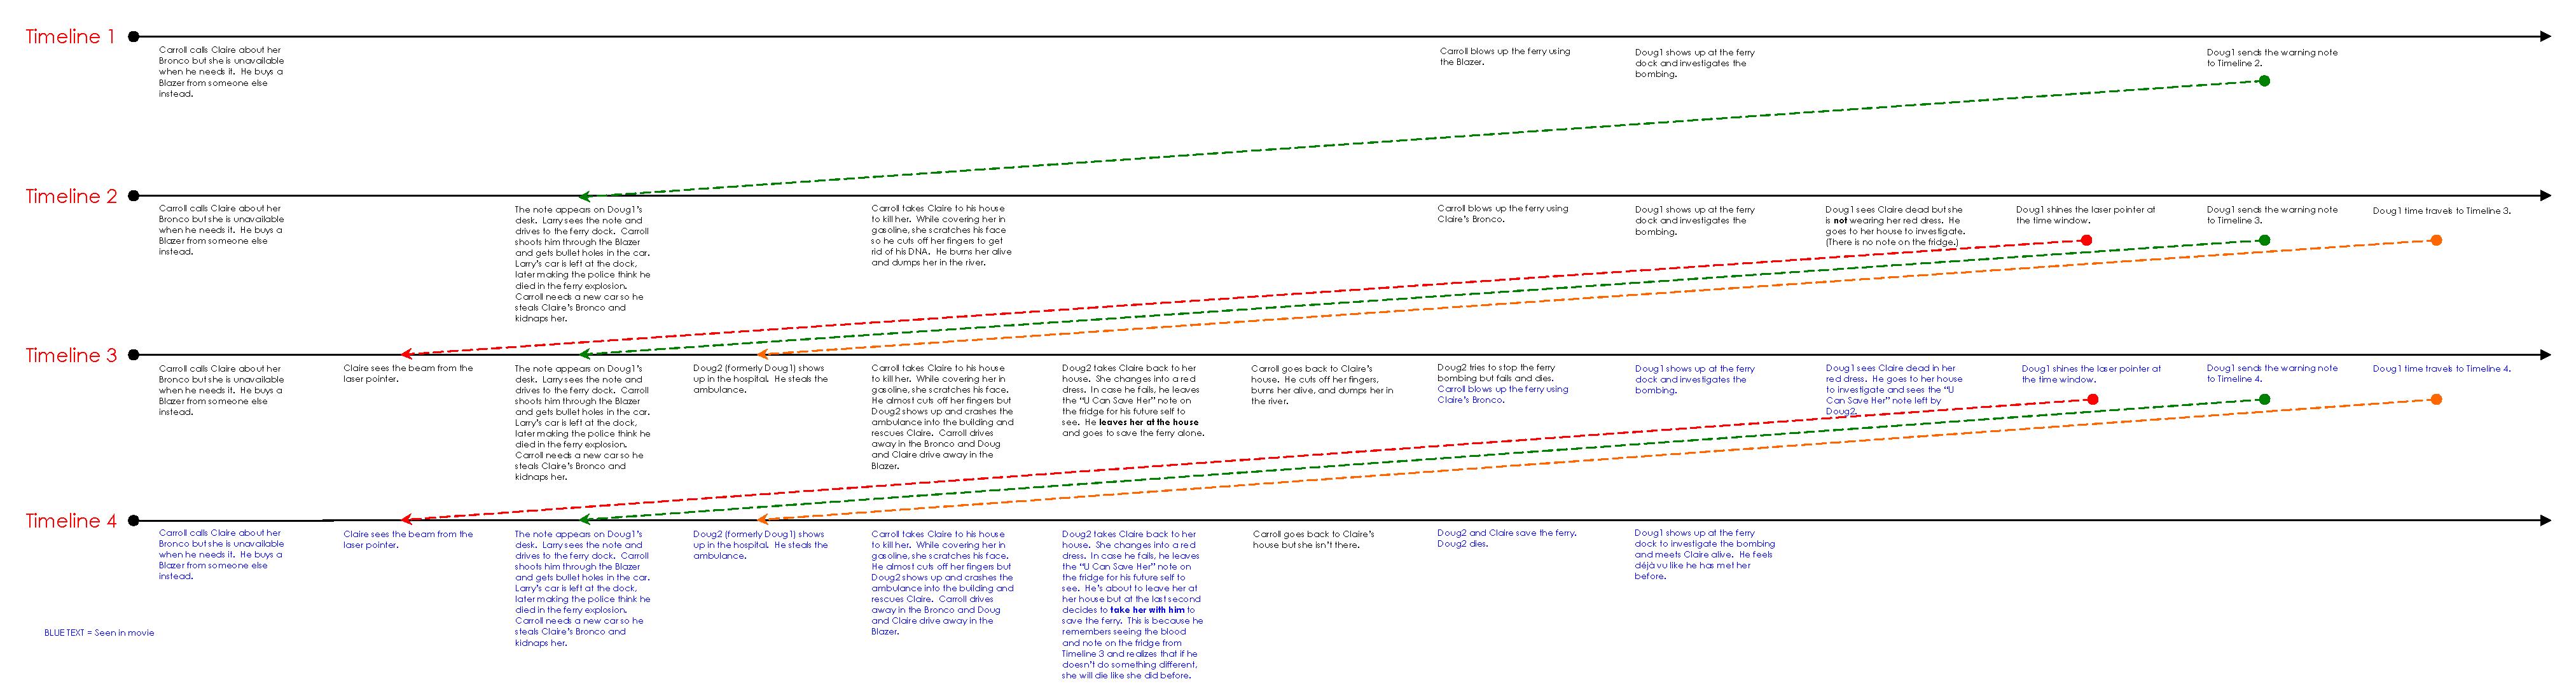 Deja Vu Timeline